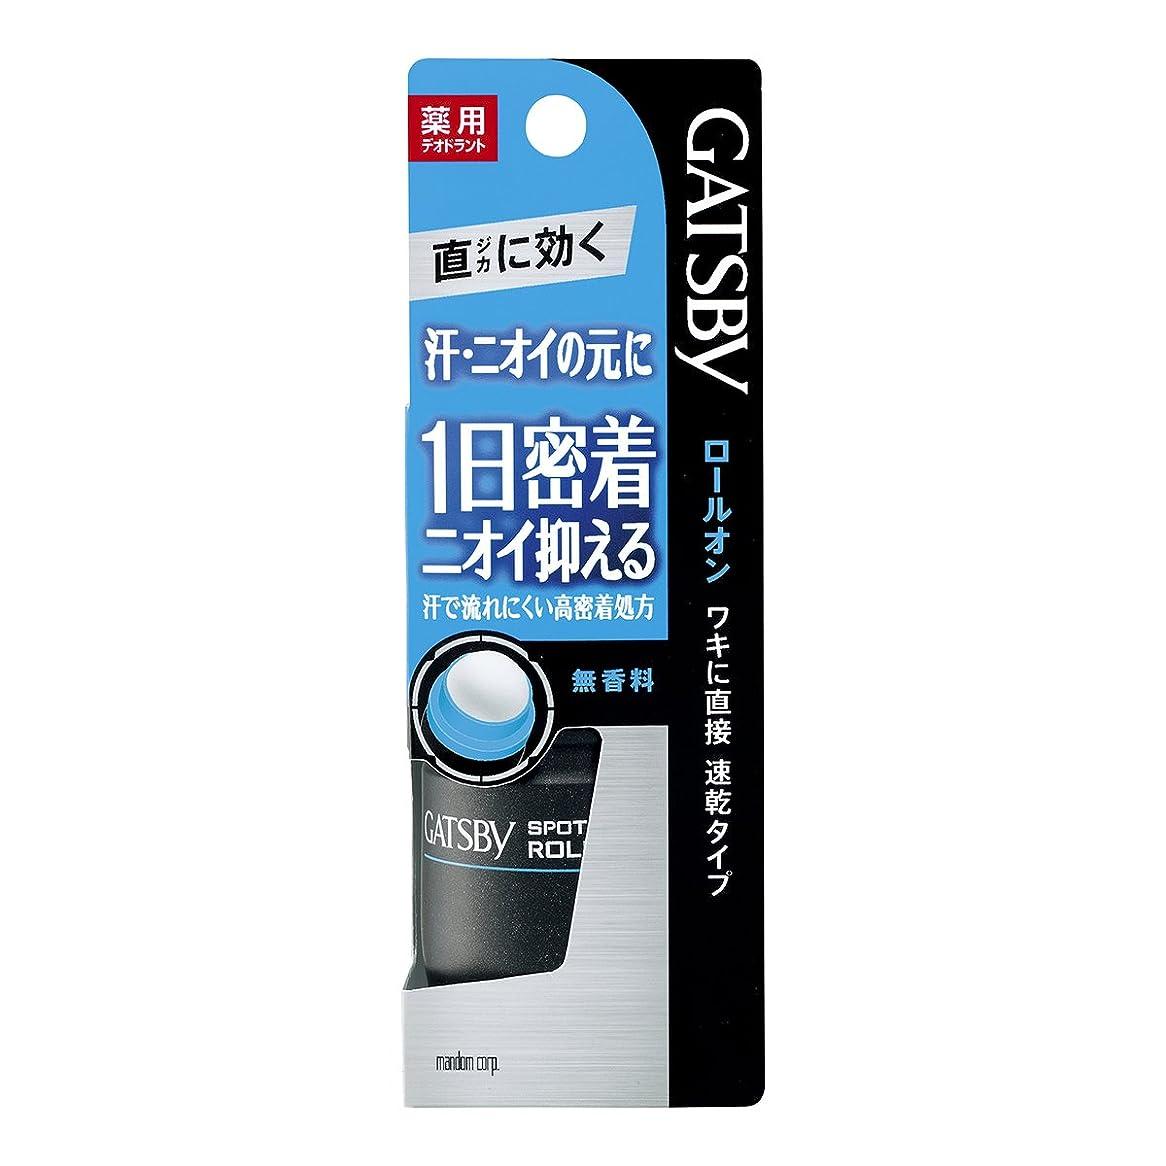 通り抜ける覚醒子音ギャツビー スポットデオドラント ロールオン 無香料 60mL (医薬部外品)